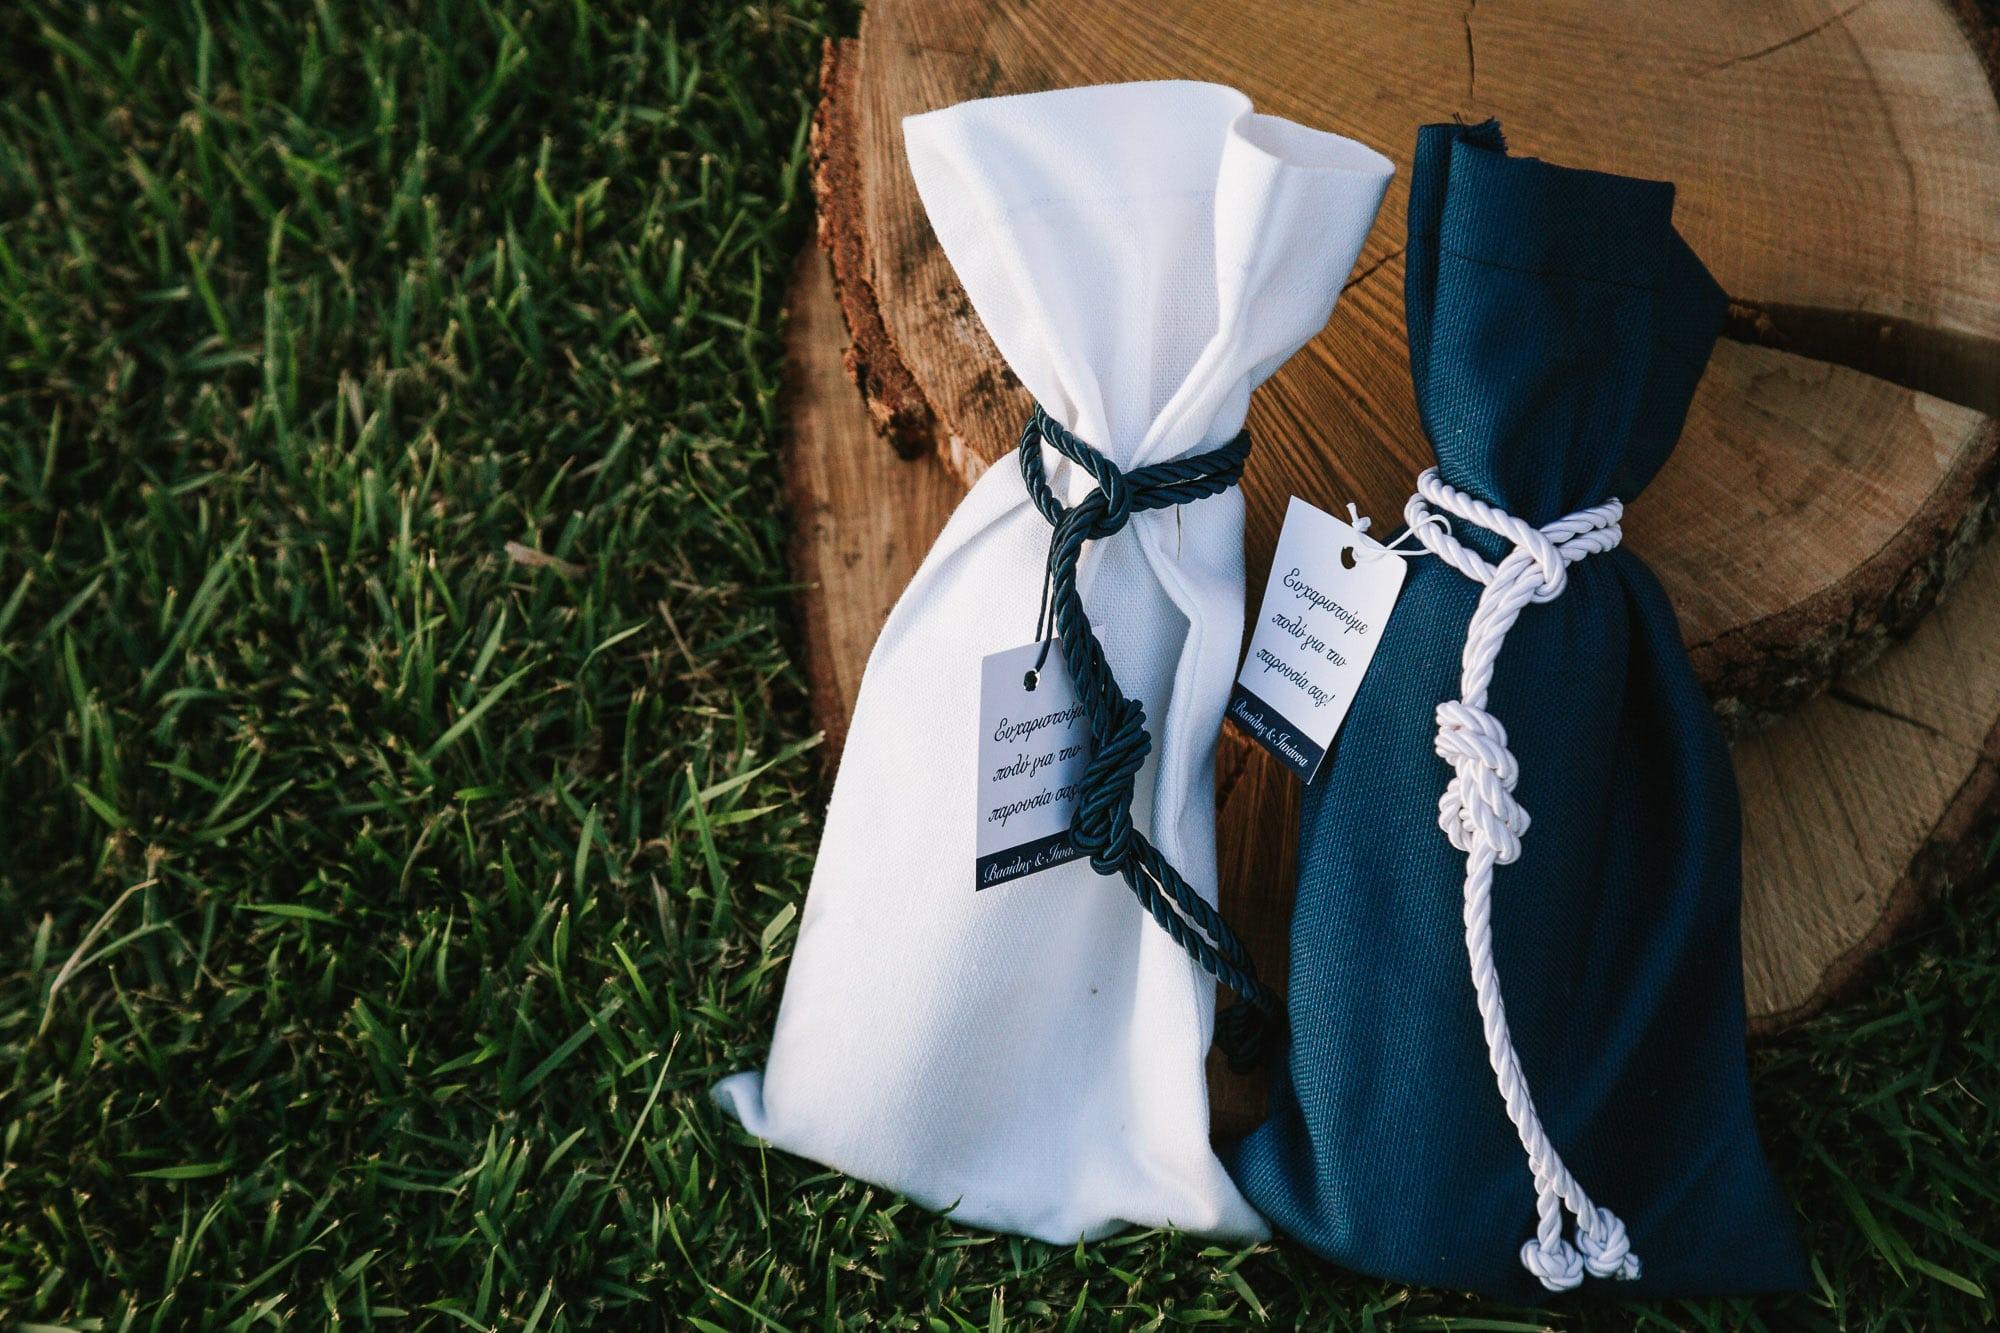 Μπομπονιέρες γάμου σε navy blue χρώμα